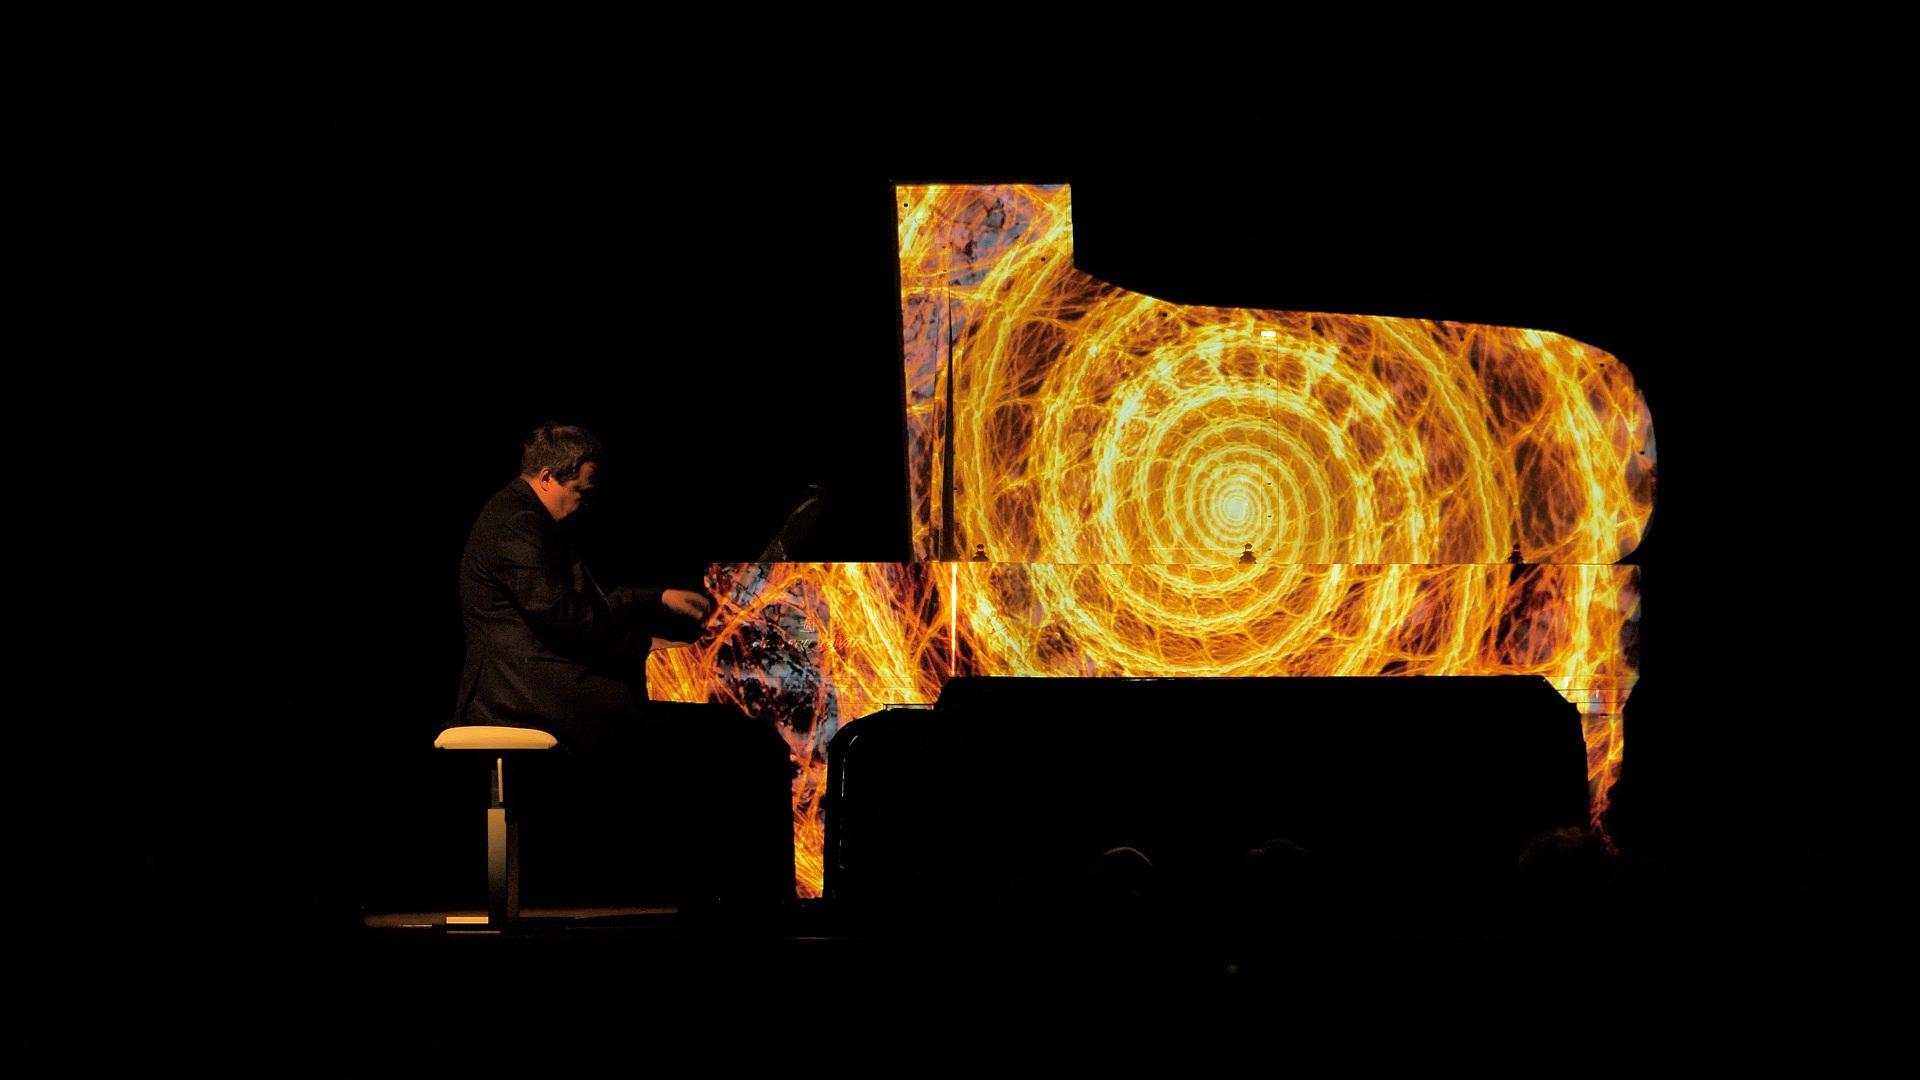 Фантастичний мультимедійний проект PIANO LIGHT SHOW від Олексія Ботвінова: Новий вимір візуальної реальності музичної класики-Фото 3